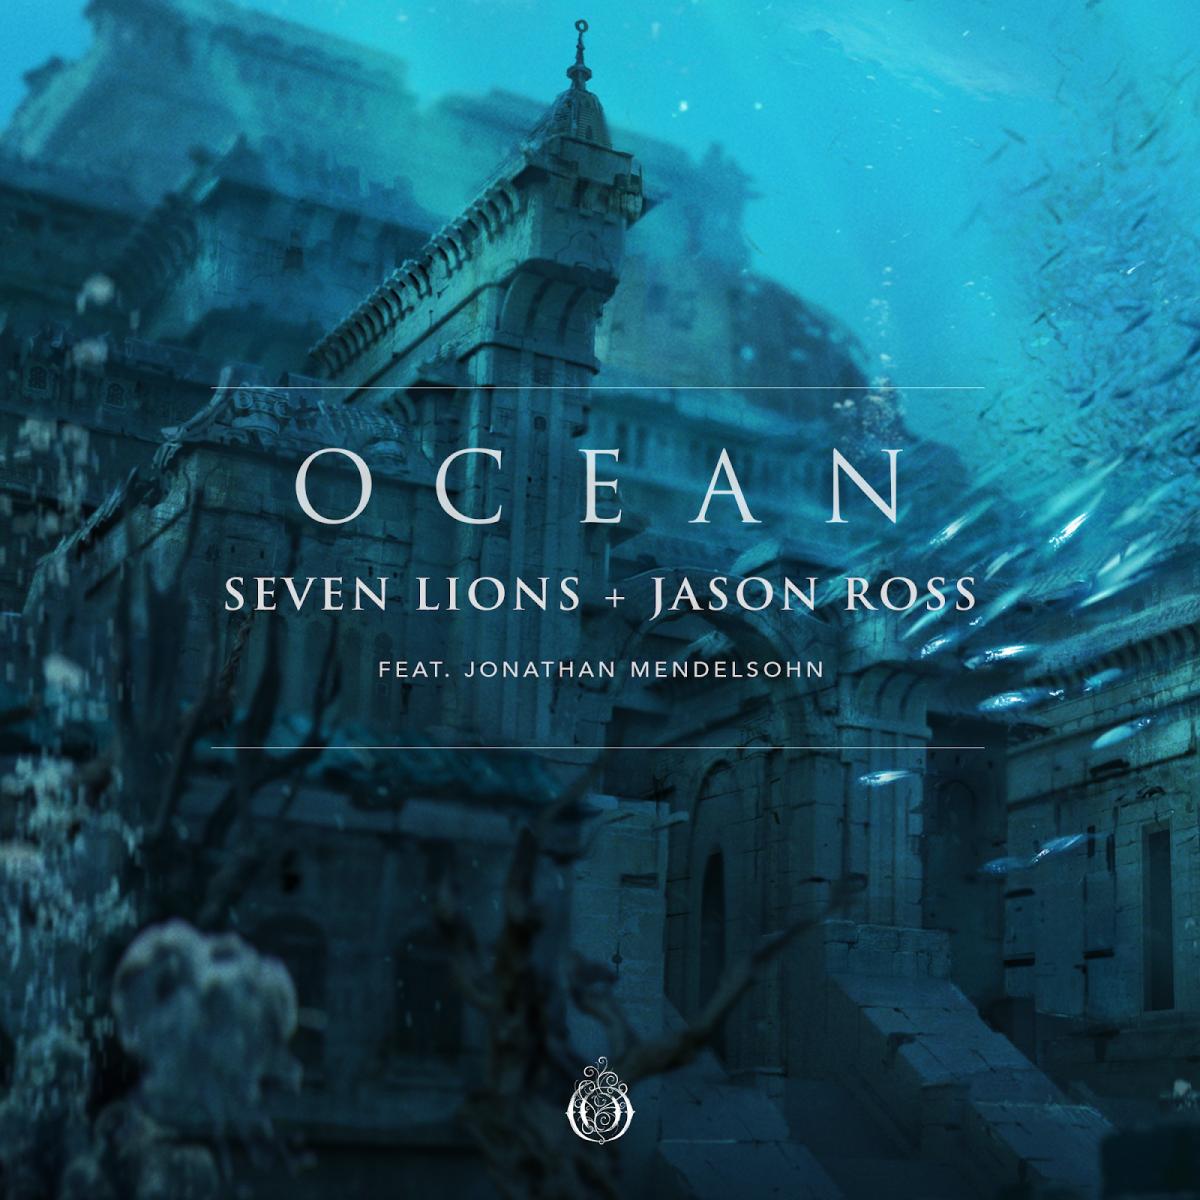 Seven Lions + Jason Ross - Ocean (Ft. Jonathan Mendelsohn)